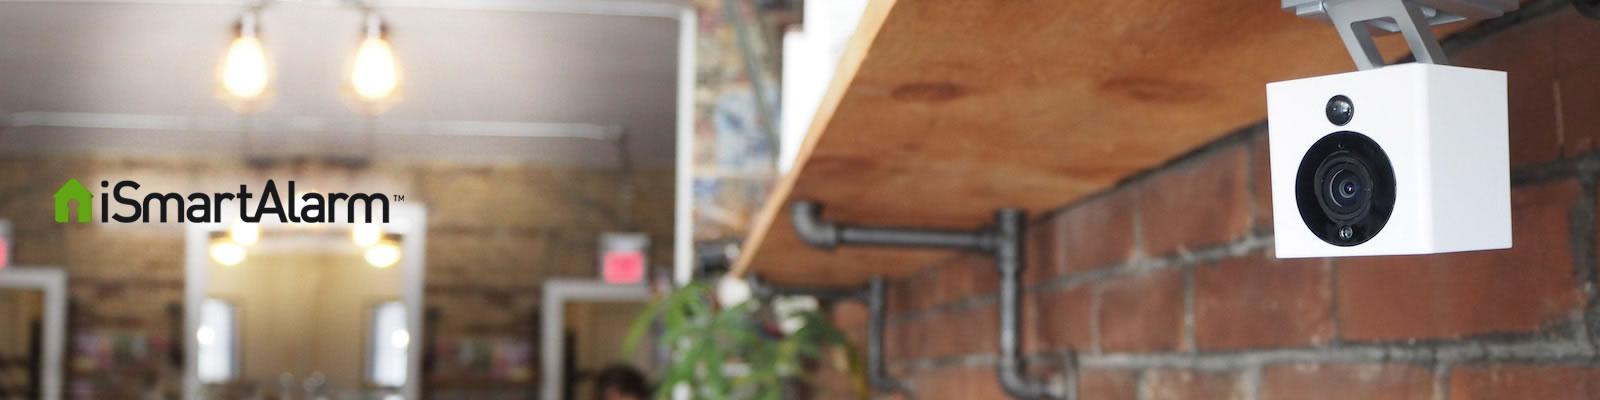 Nahaufnahme von installierter smarter Überwachungskamera neben iSmartAlarm Logo